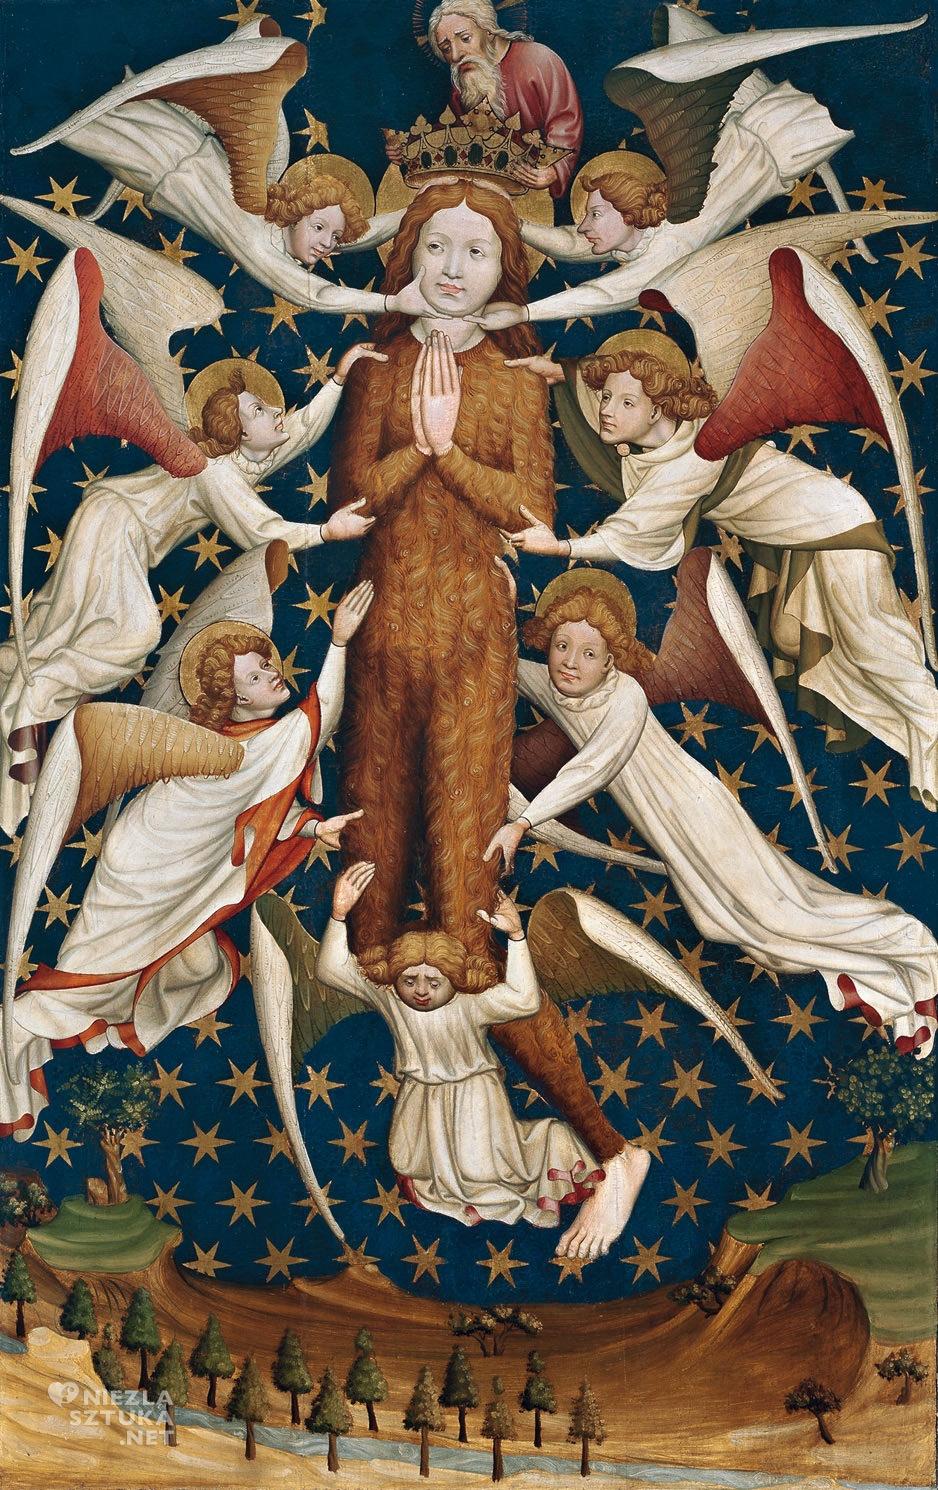 Maria Magdalena unoszona przez anioły mnw Dyptyk fundacji rodziny Winterfeldów